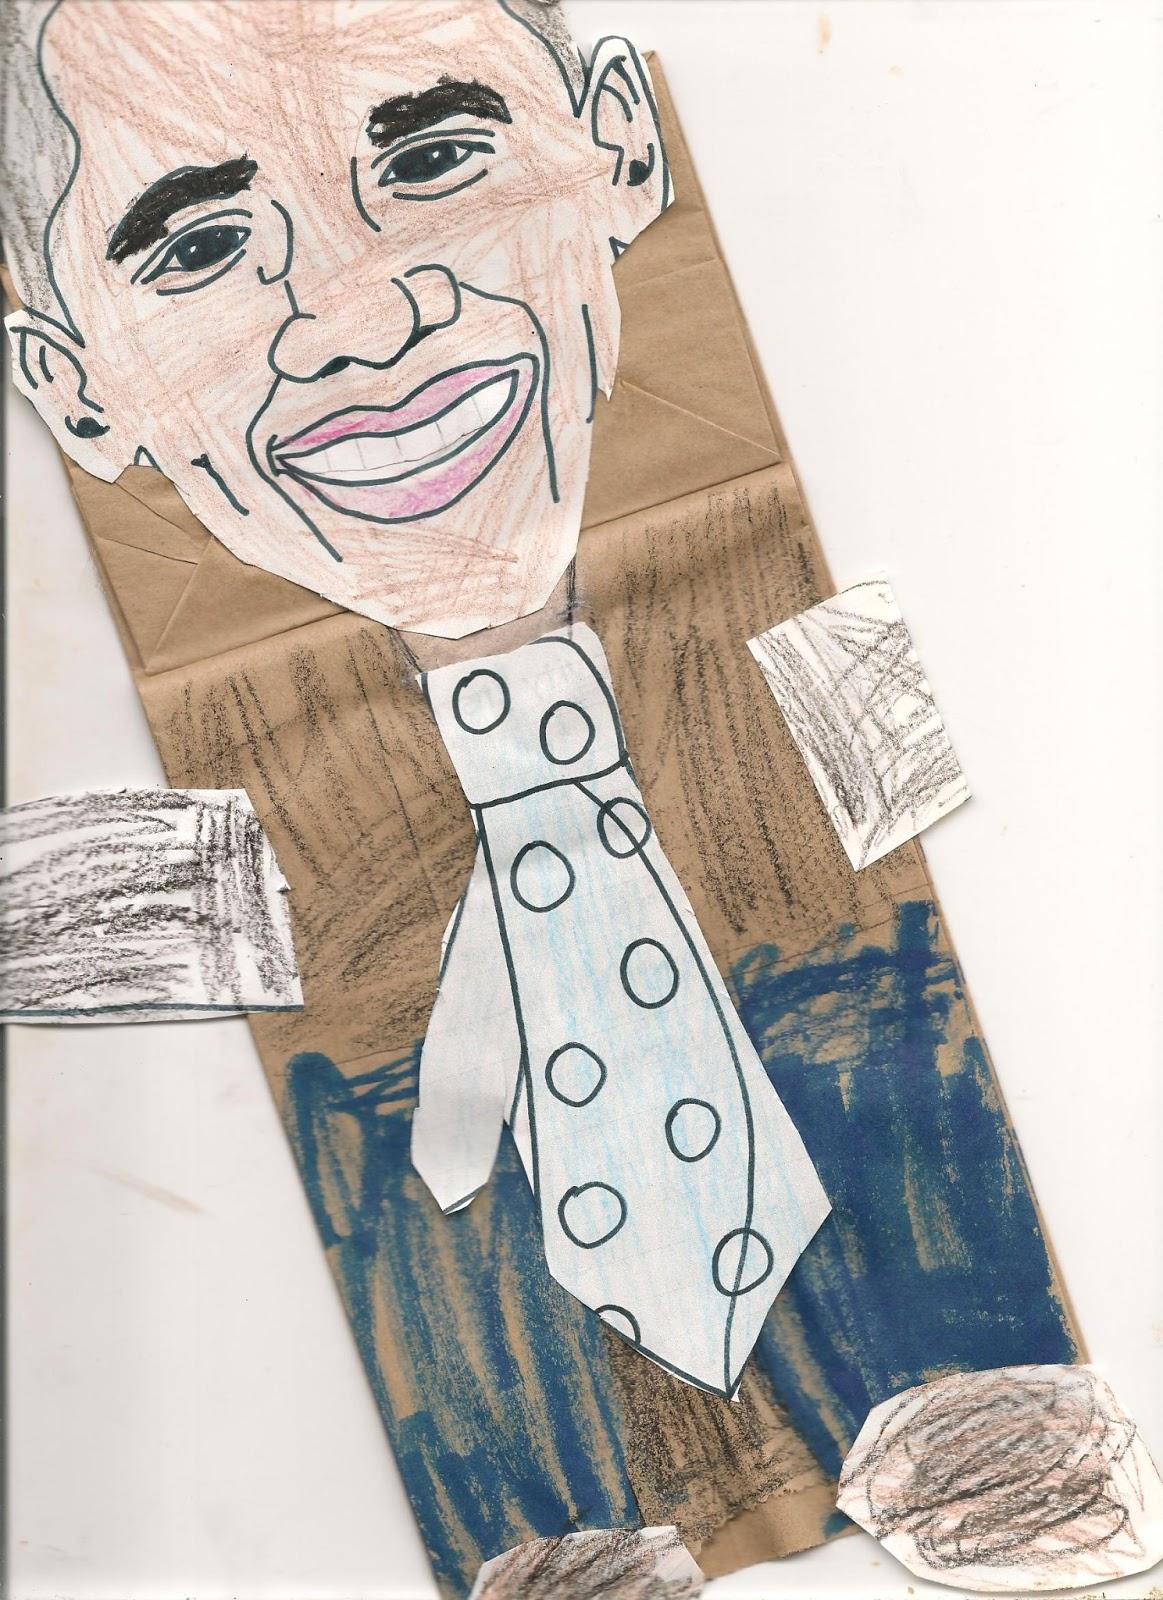 http://1.bp.blogspot.com/-ot5FrloXQVM/USe5LfalpNI/AAAAAAAAG6M/A9--fRTwskQ/s1600/Barack+Obama+Puppet+001.jpg